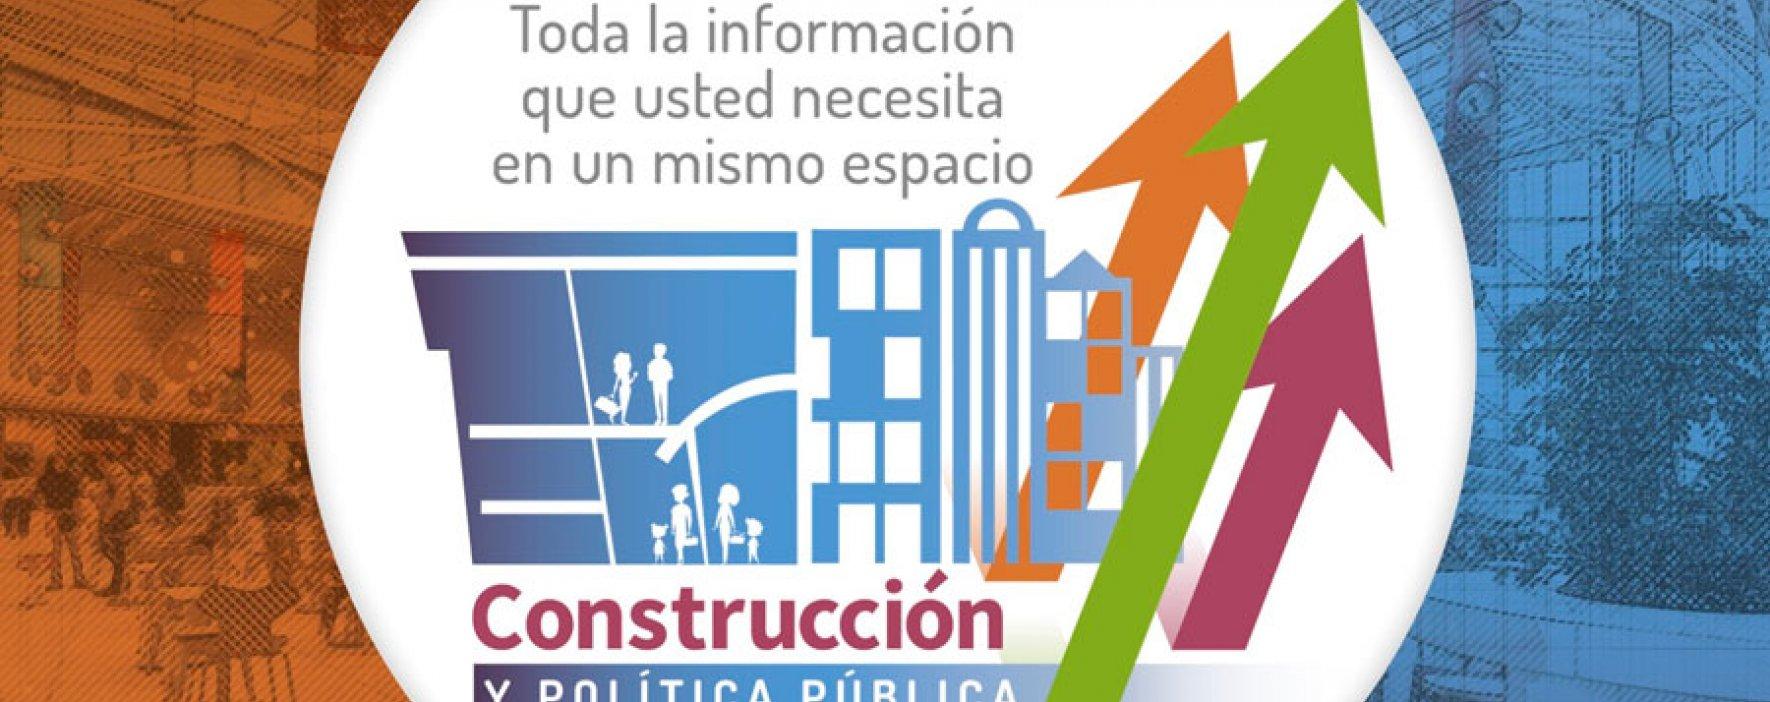 Comienza el Foro Construcción y Política Pública, espacio para conocer los desafíos del sector